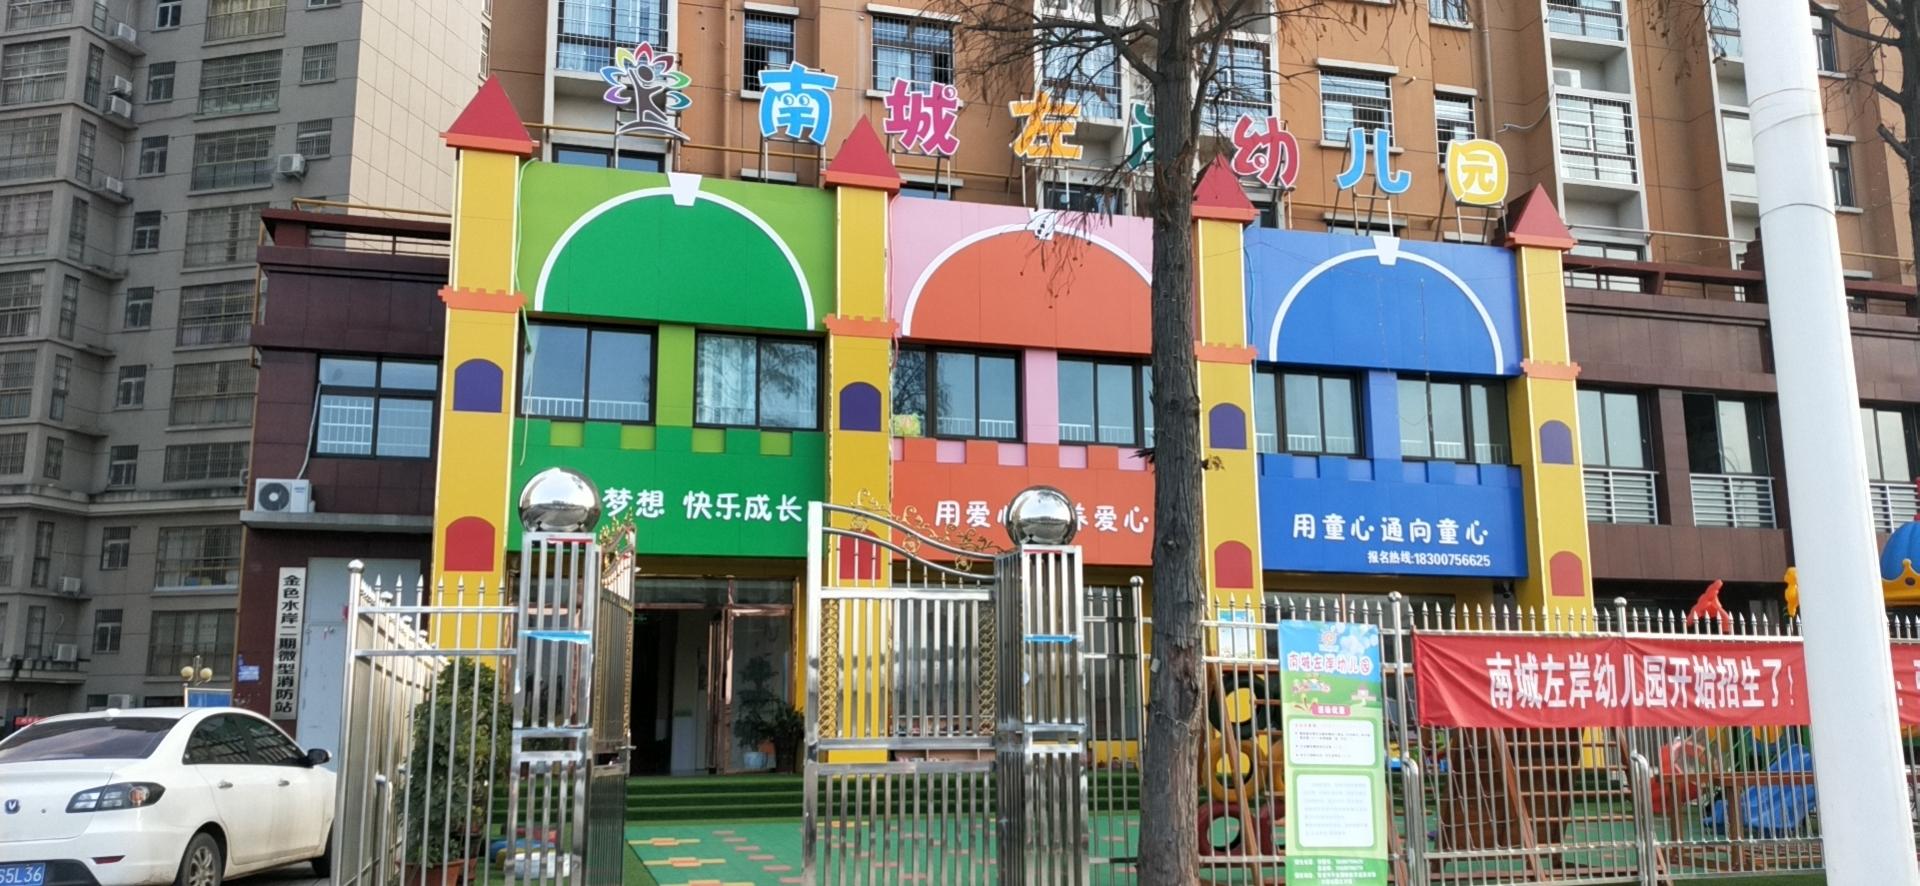 南城左岸幼儿园